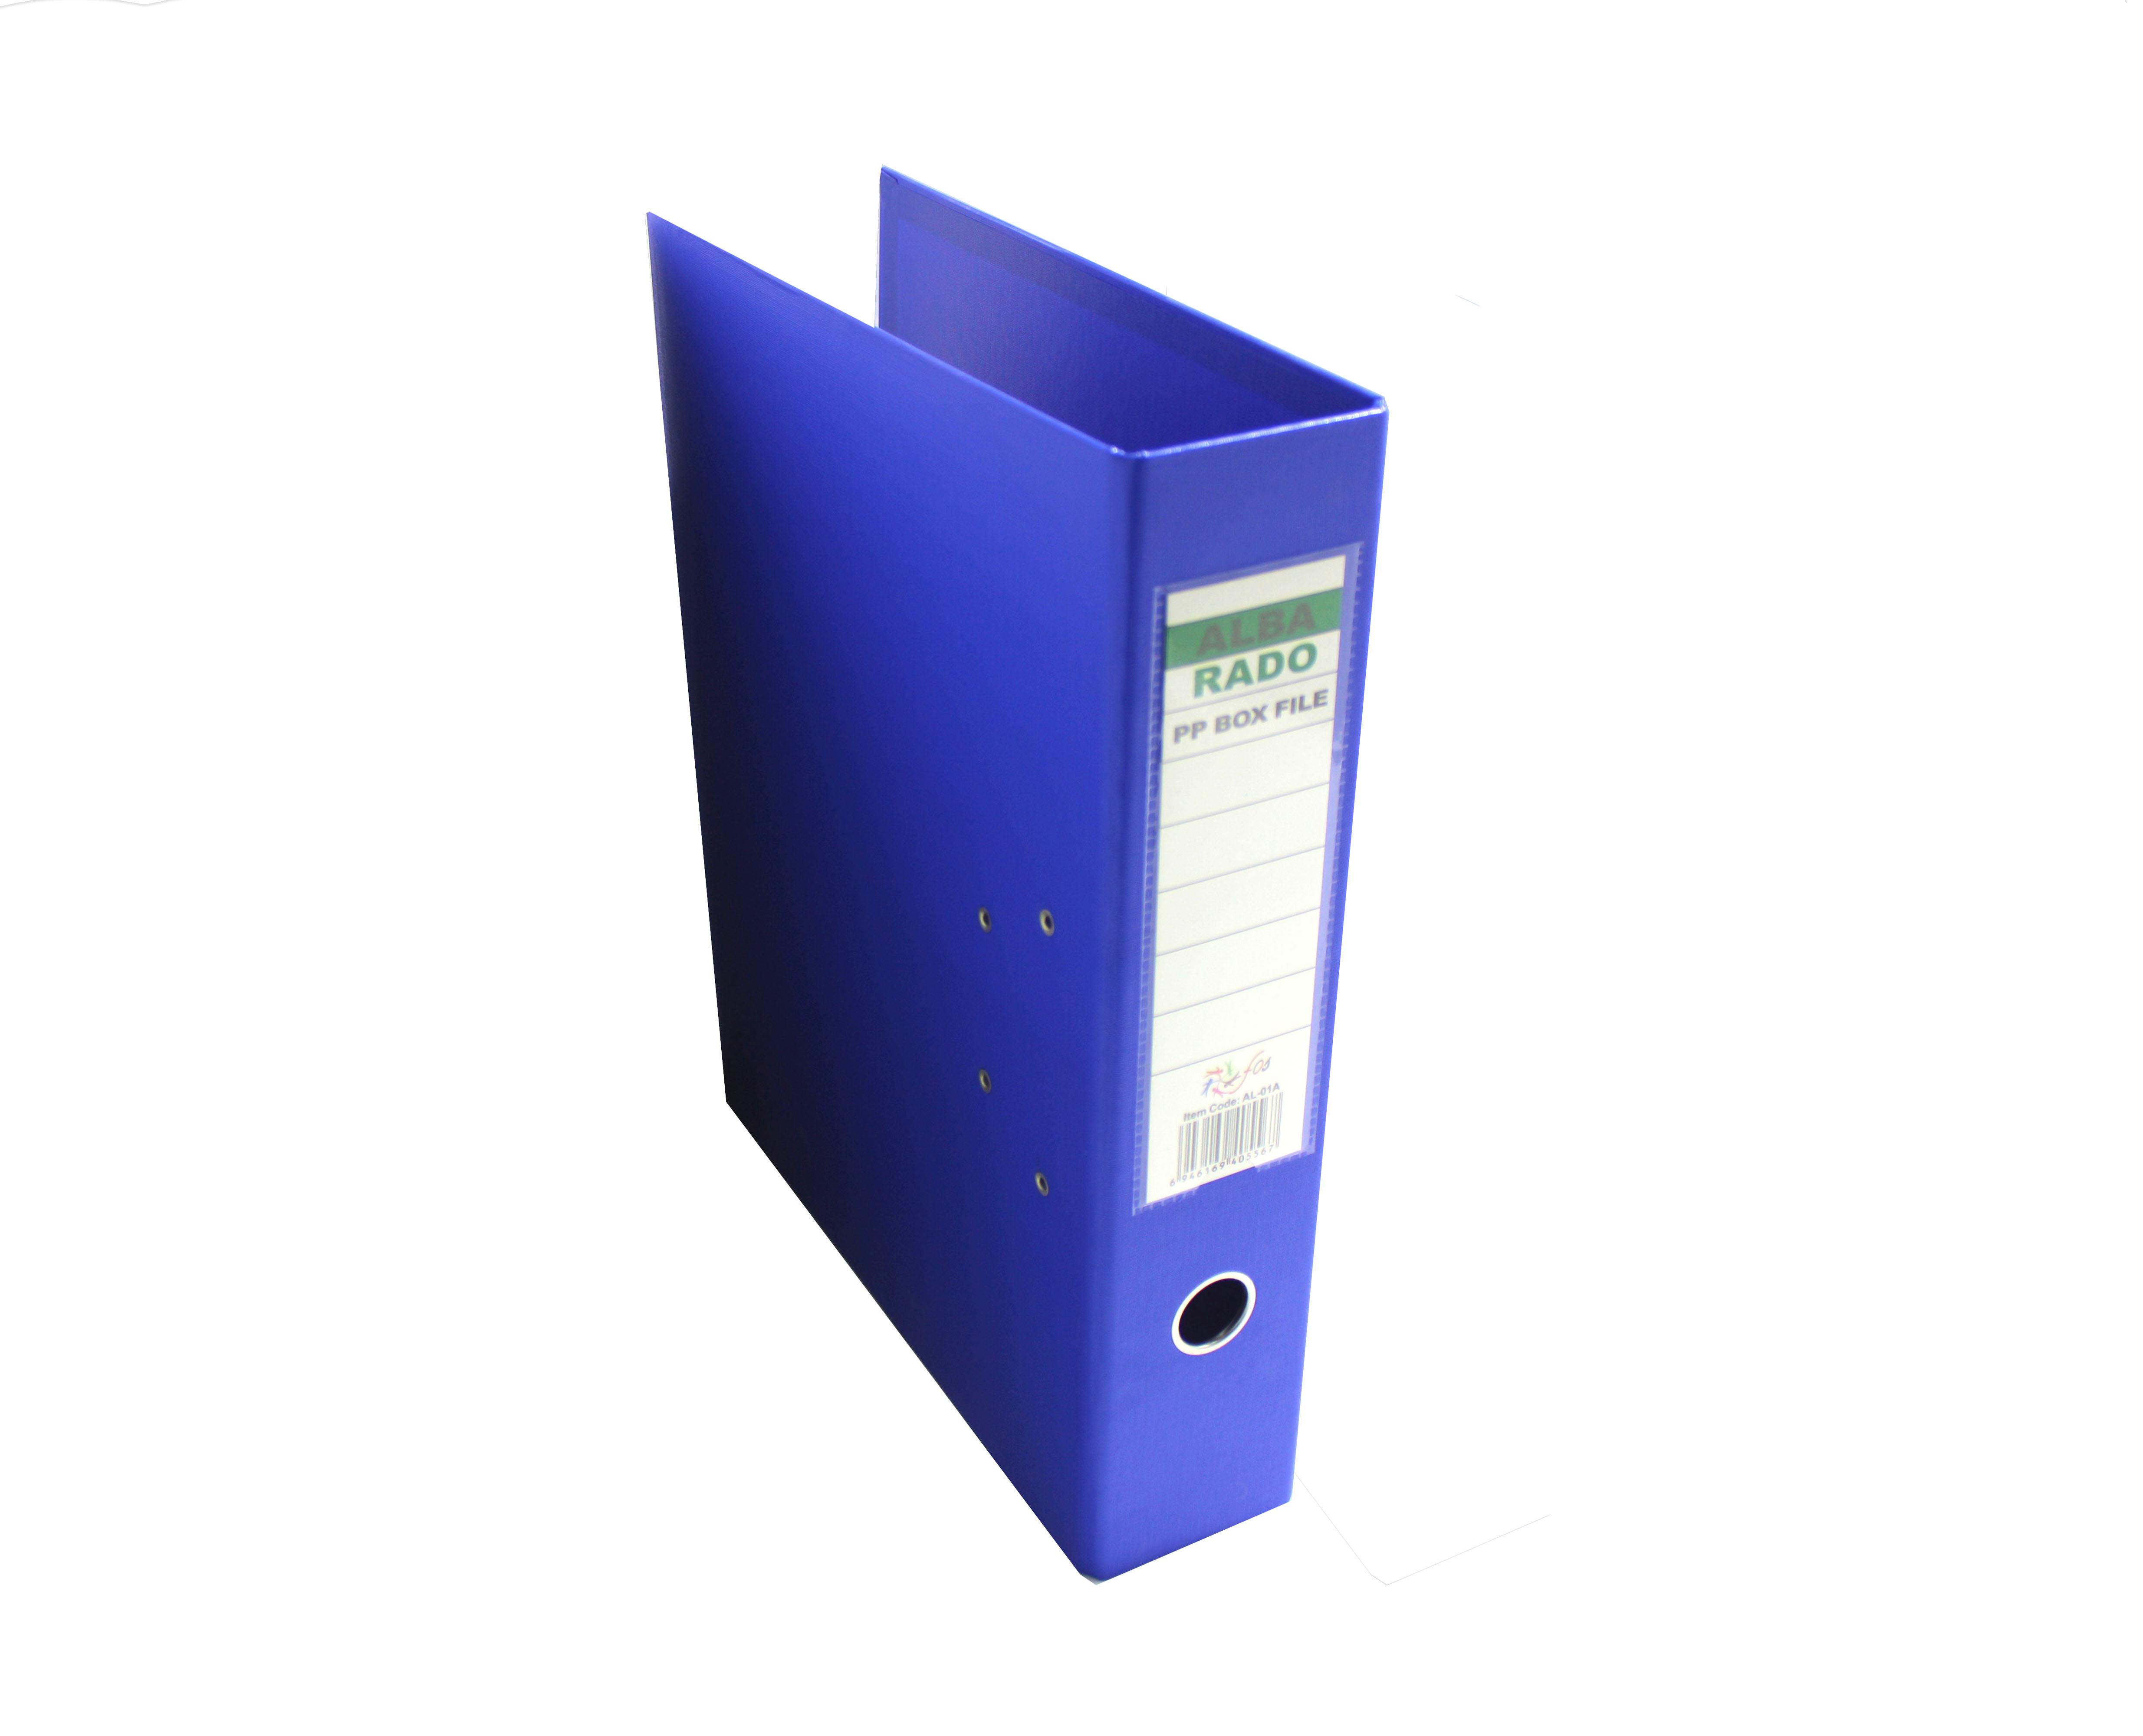 ALBA RADO PVC BOX FILE BLUE 3 INCHES